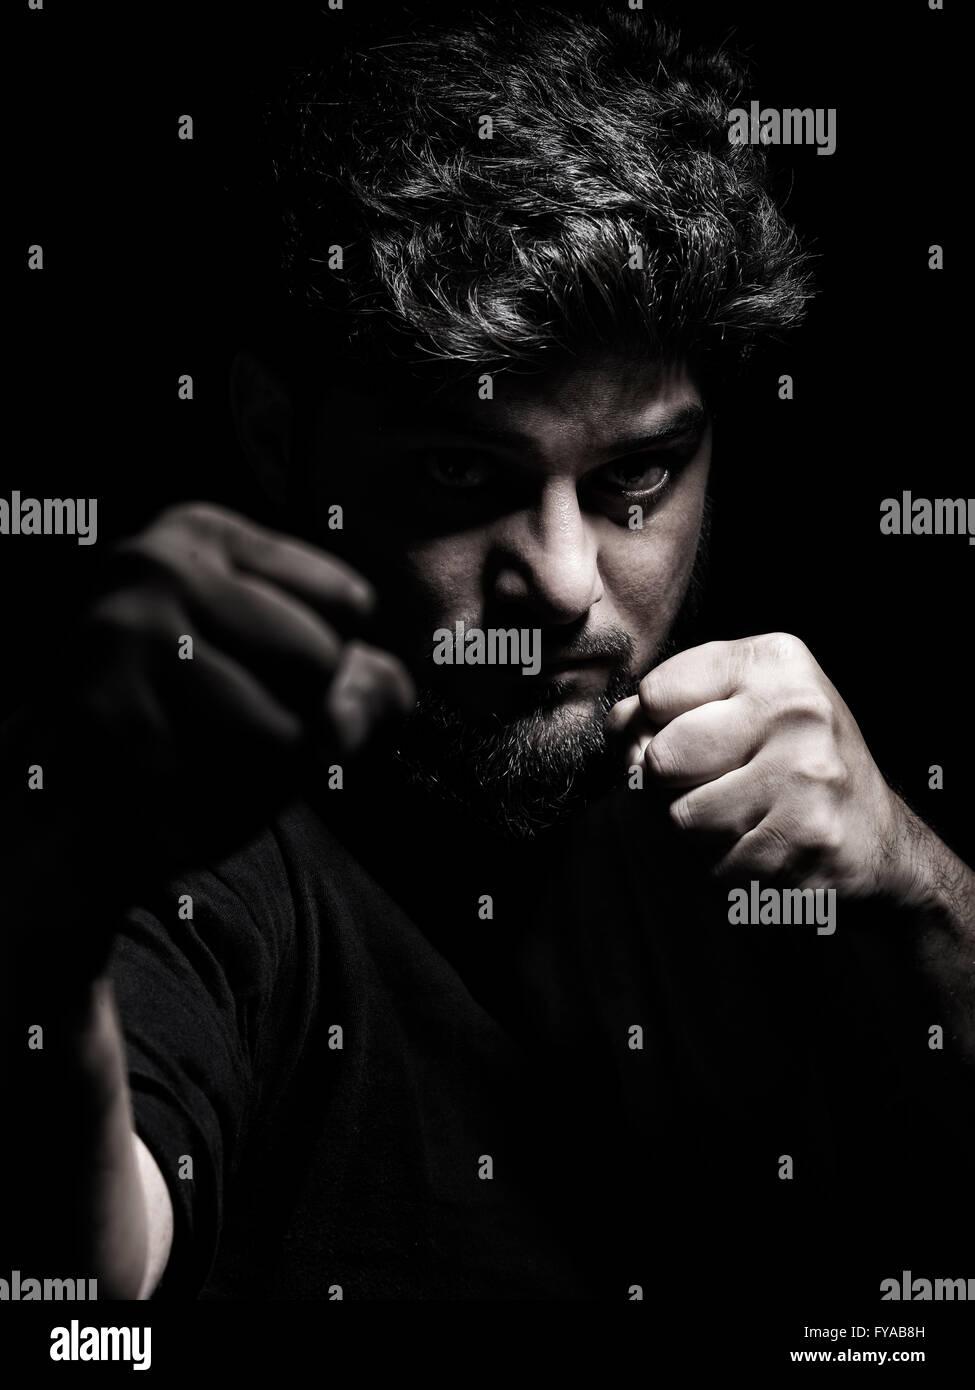 Portrait dramatique d'un homme dans une position de combat avec les poings devant son visage Photo Stock